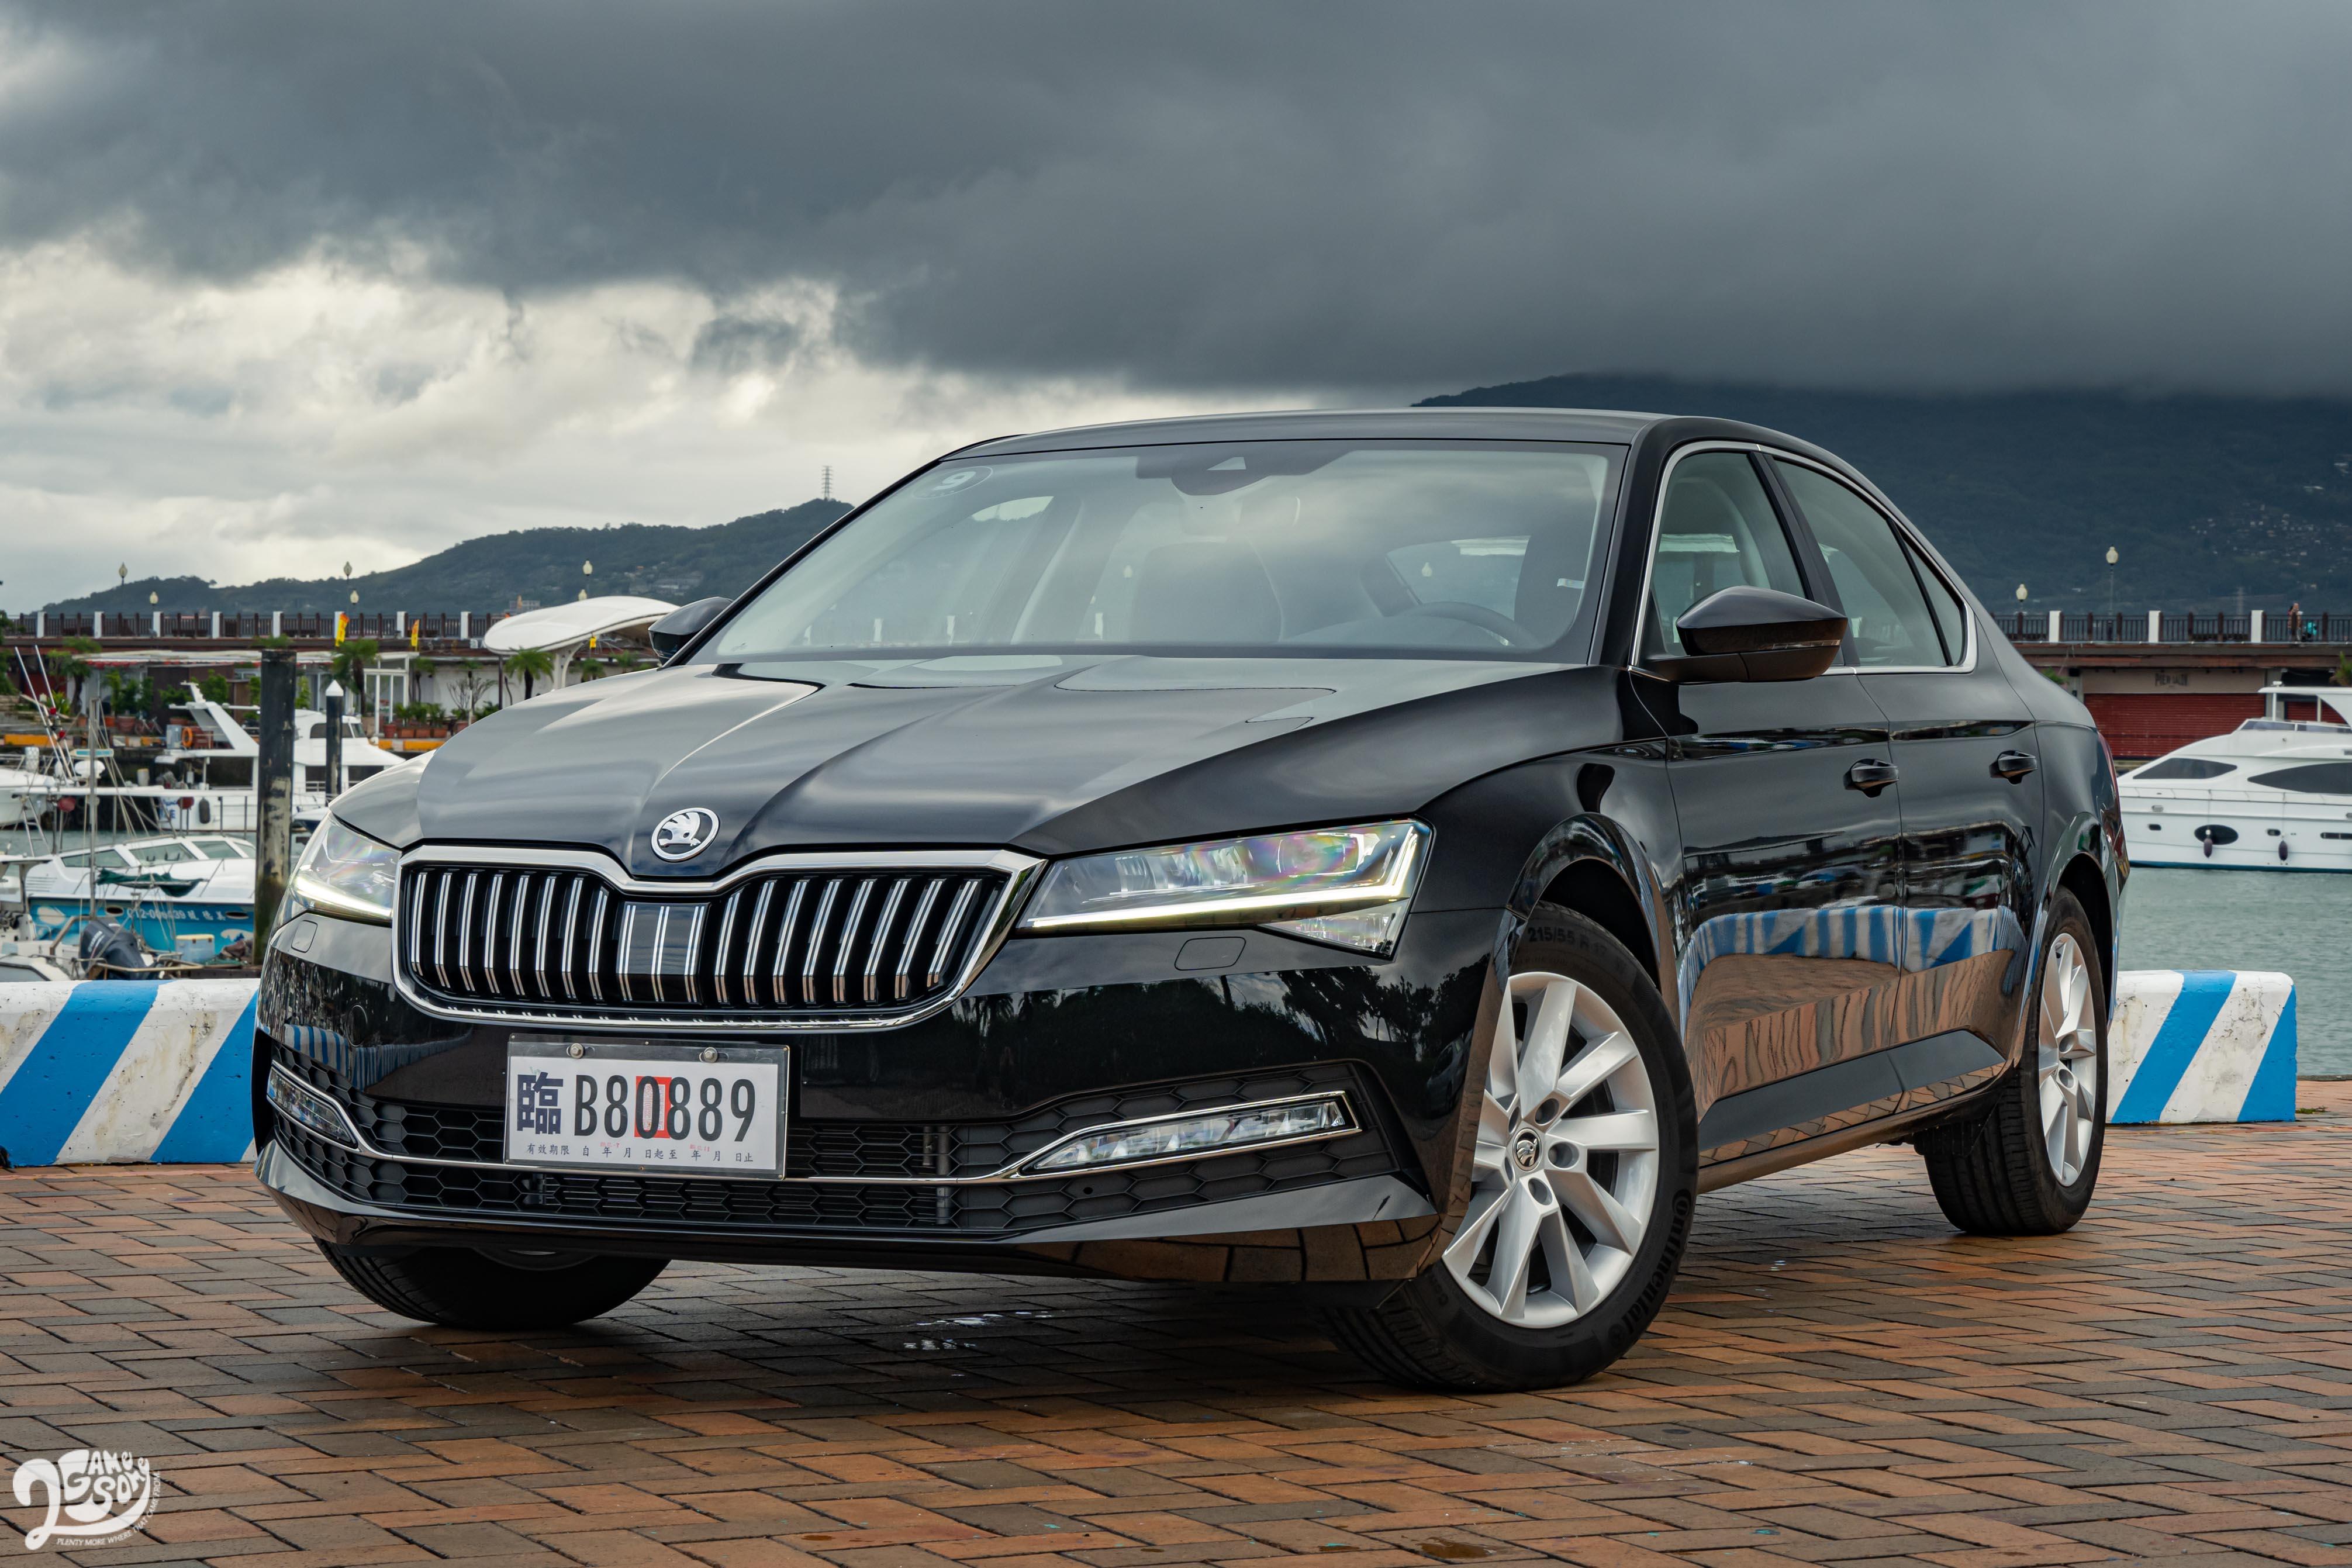 Superb 銳利的車身線條放在房車上也不失穩重氣質。